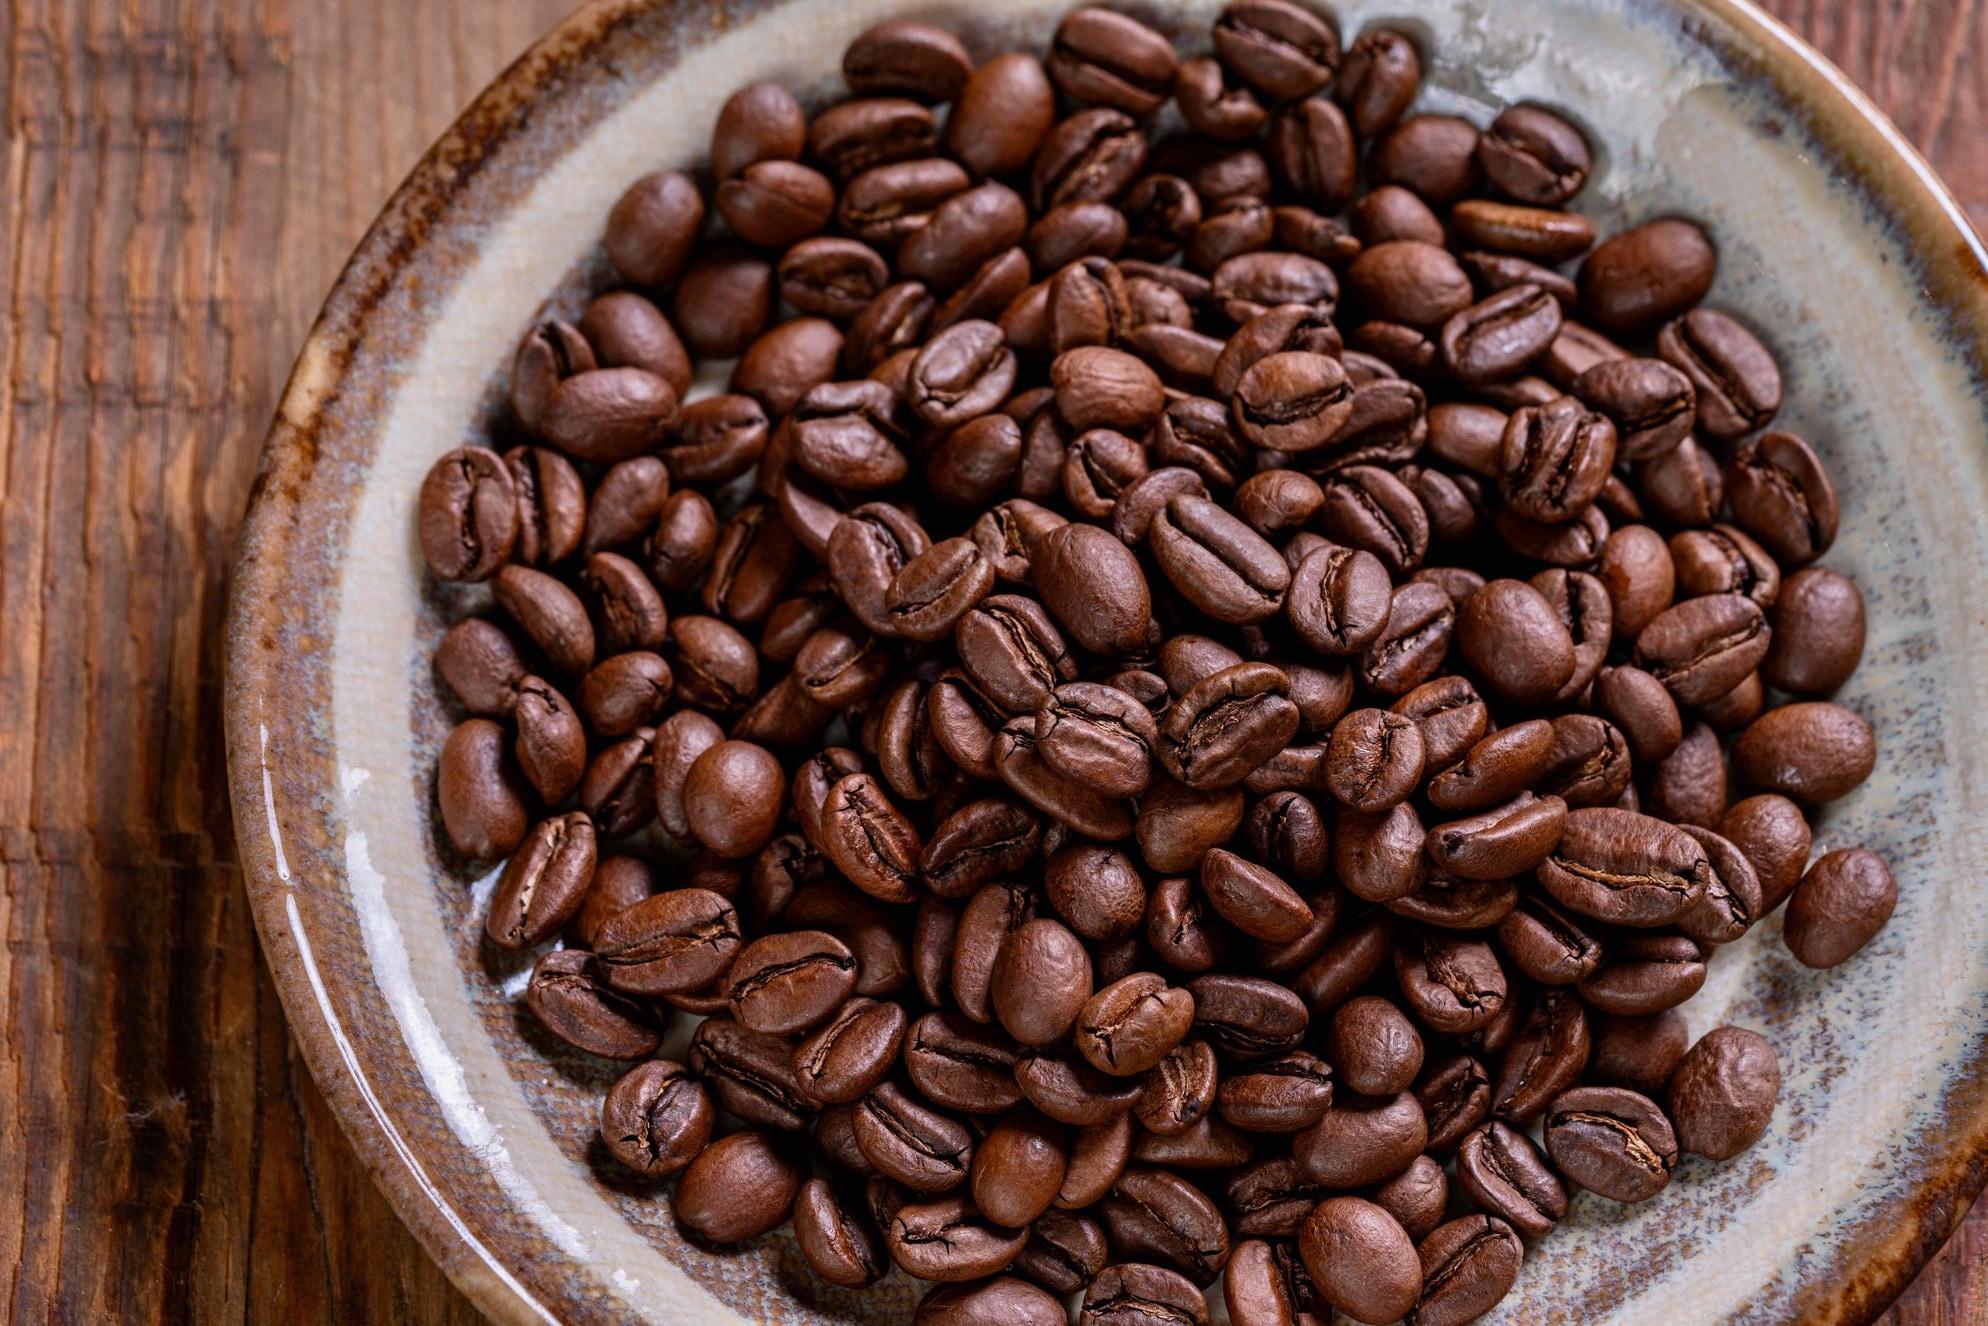 皿に入った珈琲豆、徳光珈琲の自家焙煎シングルオリジンのスペシャルティコーヒー豆